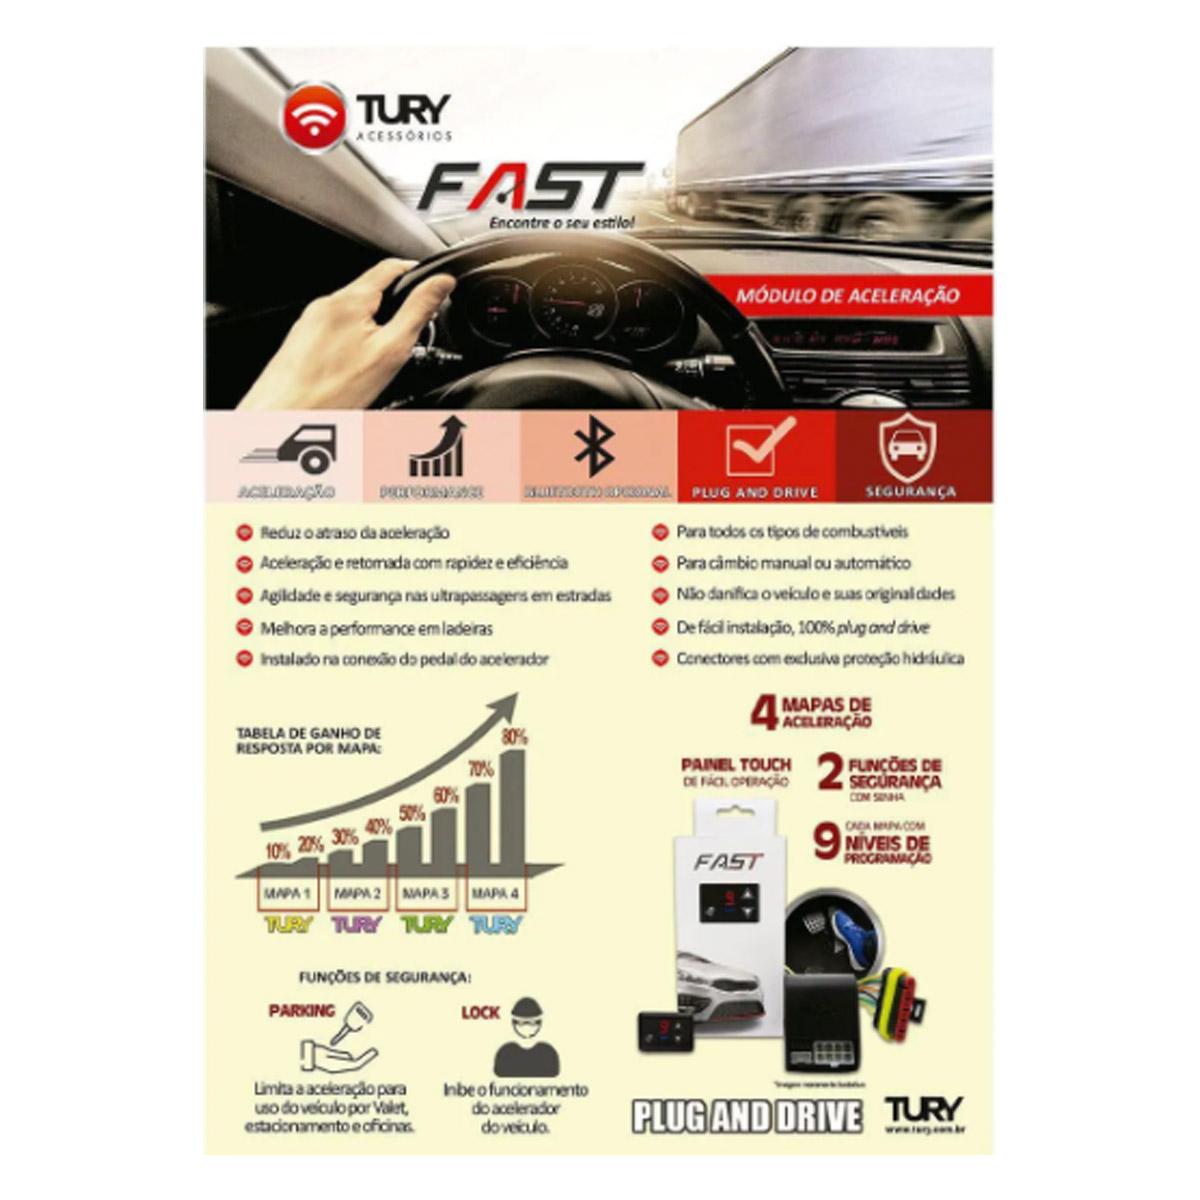 Módulo Acelerador Eletrônico para BMW com Bluetooth FAST2.0P Tury